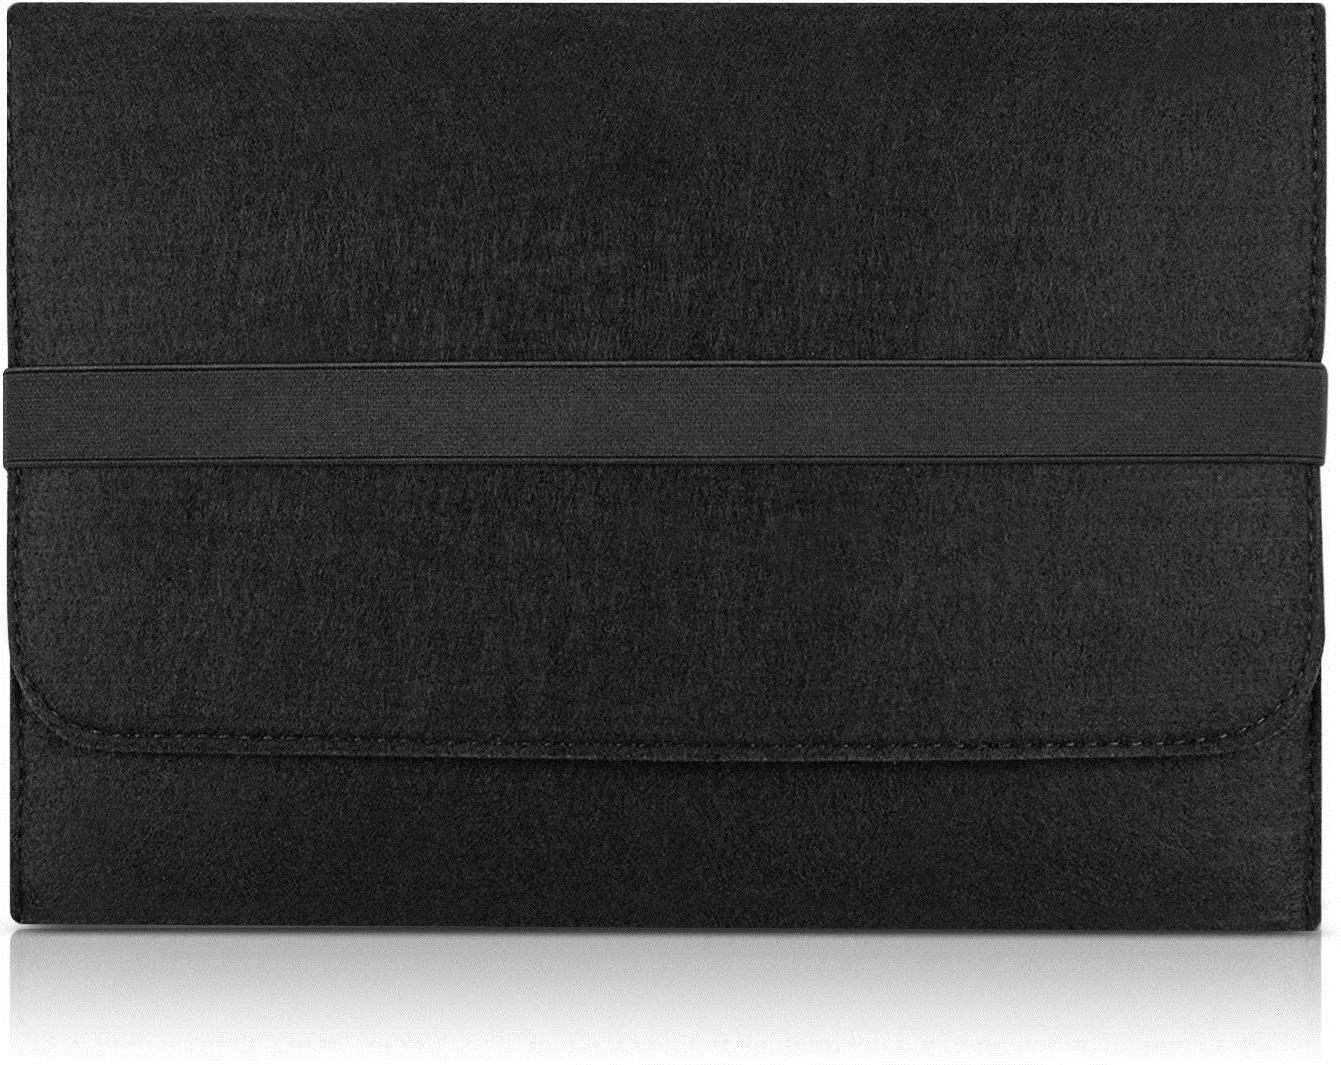 kwmobile 25070.01. Art der Tasche: Notebook-Hülle, Maximaler Bildschirmdurchmesser: 29,5 cm (11.6 ). Gewicht: 197 g. Oberflächen-Farbe: Einfarbig, Produktfarbe: Schwarz (25070.01)